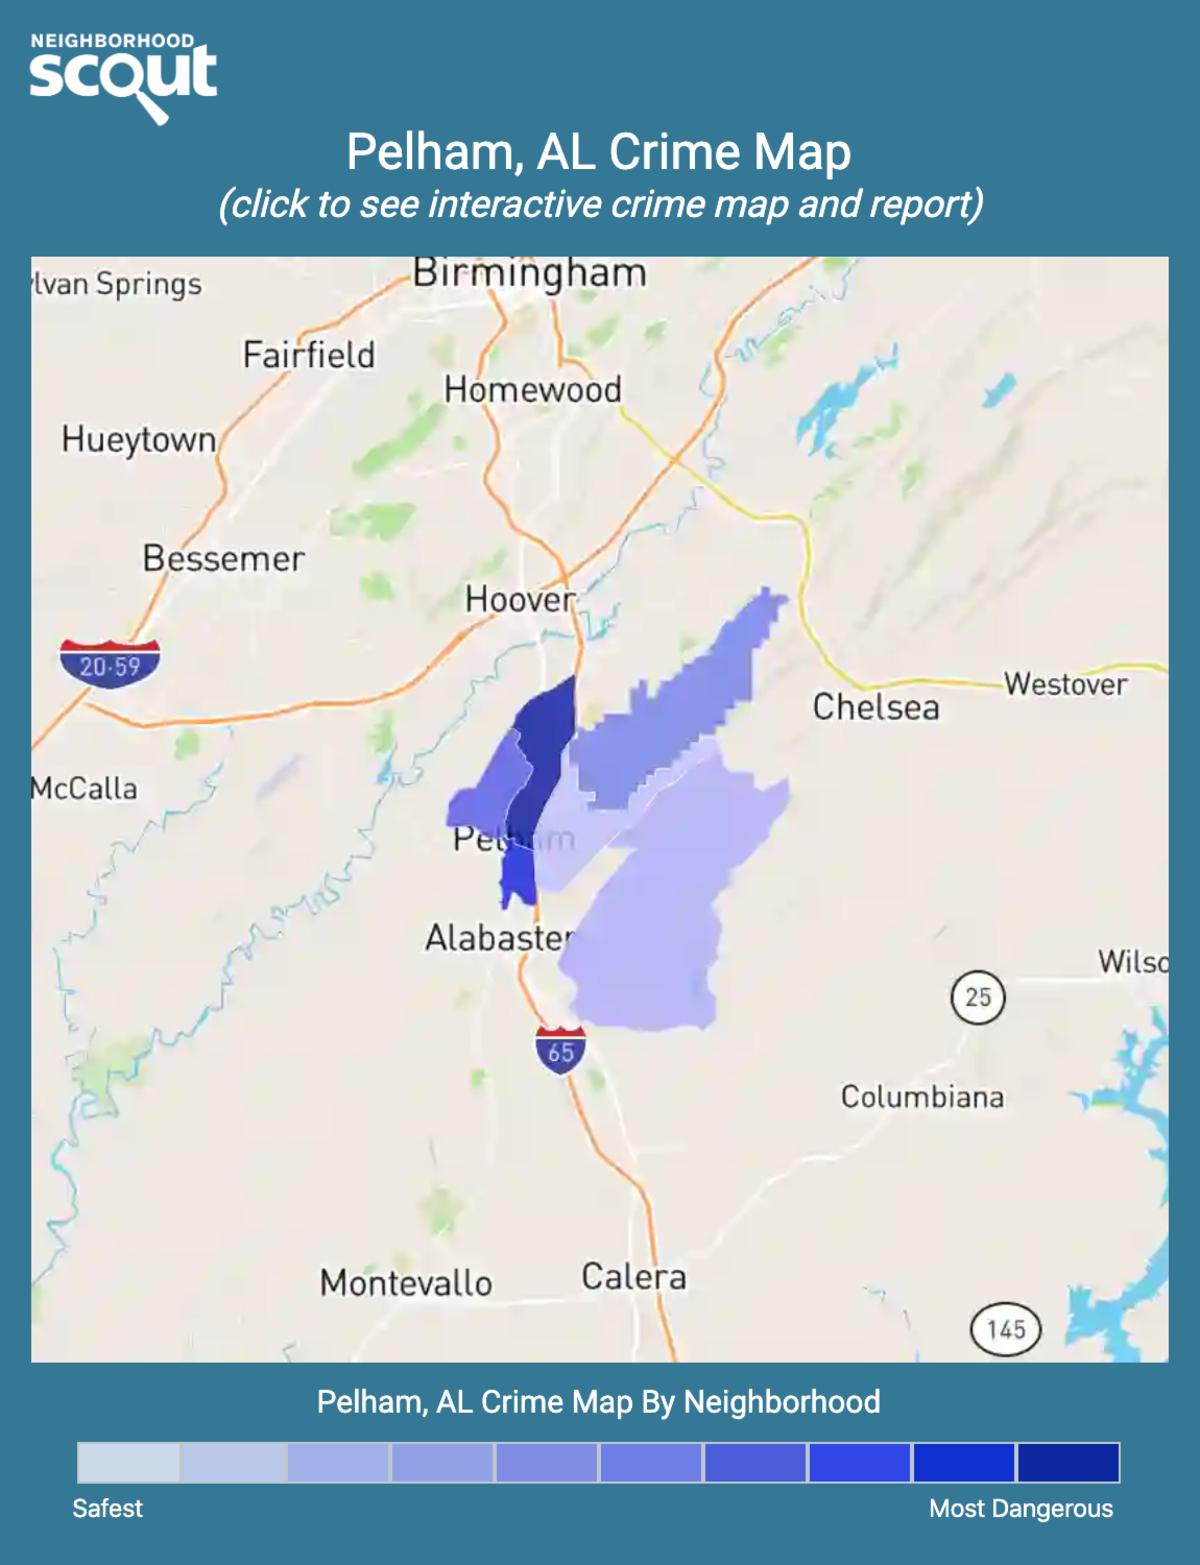 Pelham, Alabama crime map